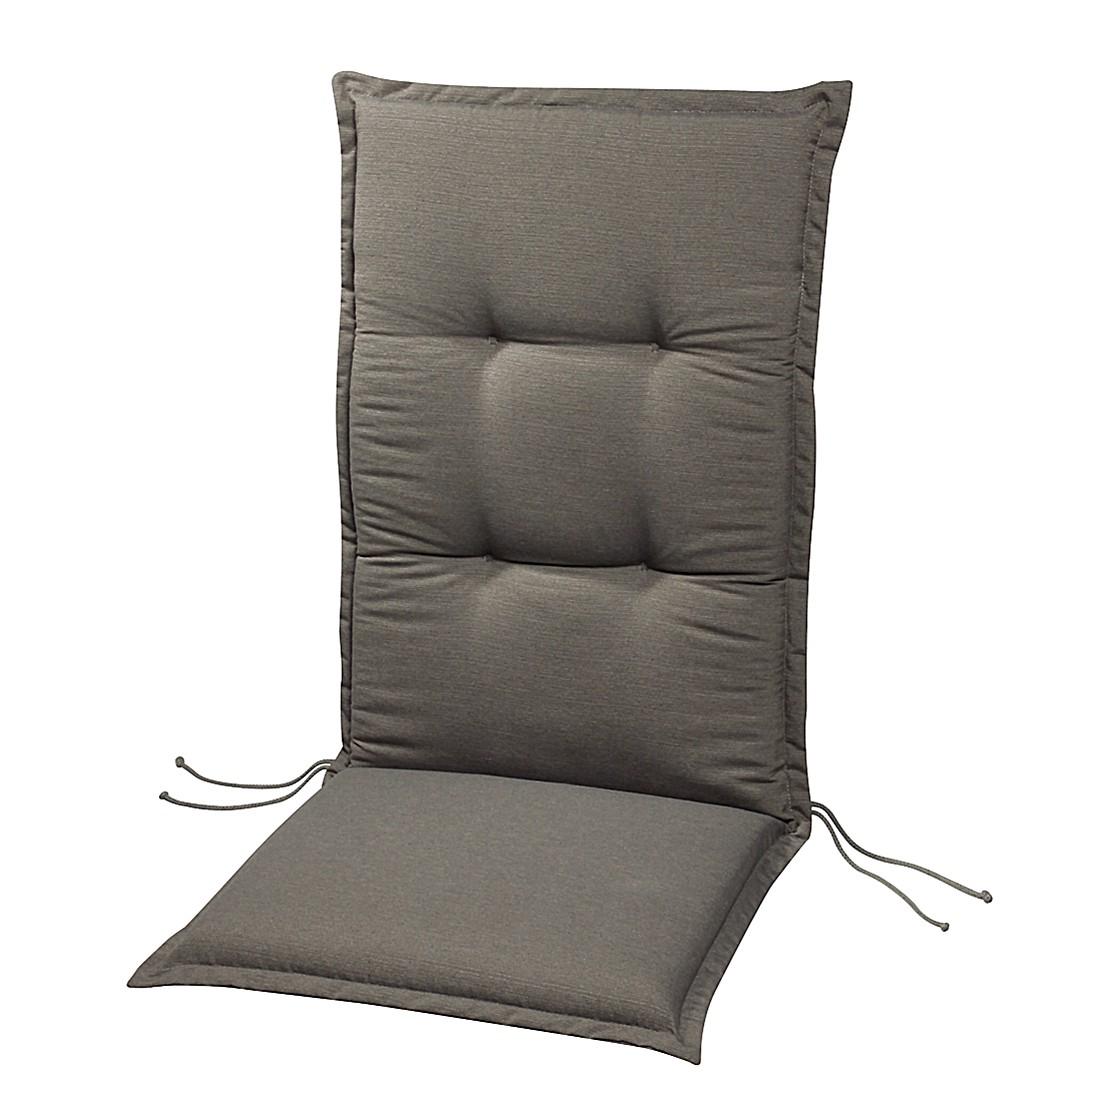 Polsterauflage Lorelai - Anthrazit - Deck-Chair - 144 x 50 cm, Best Freizeitmöbel